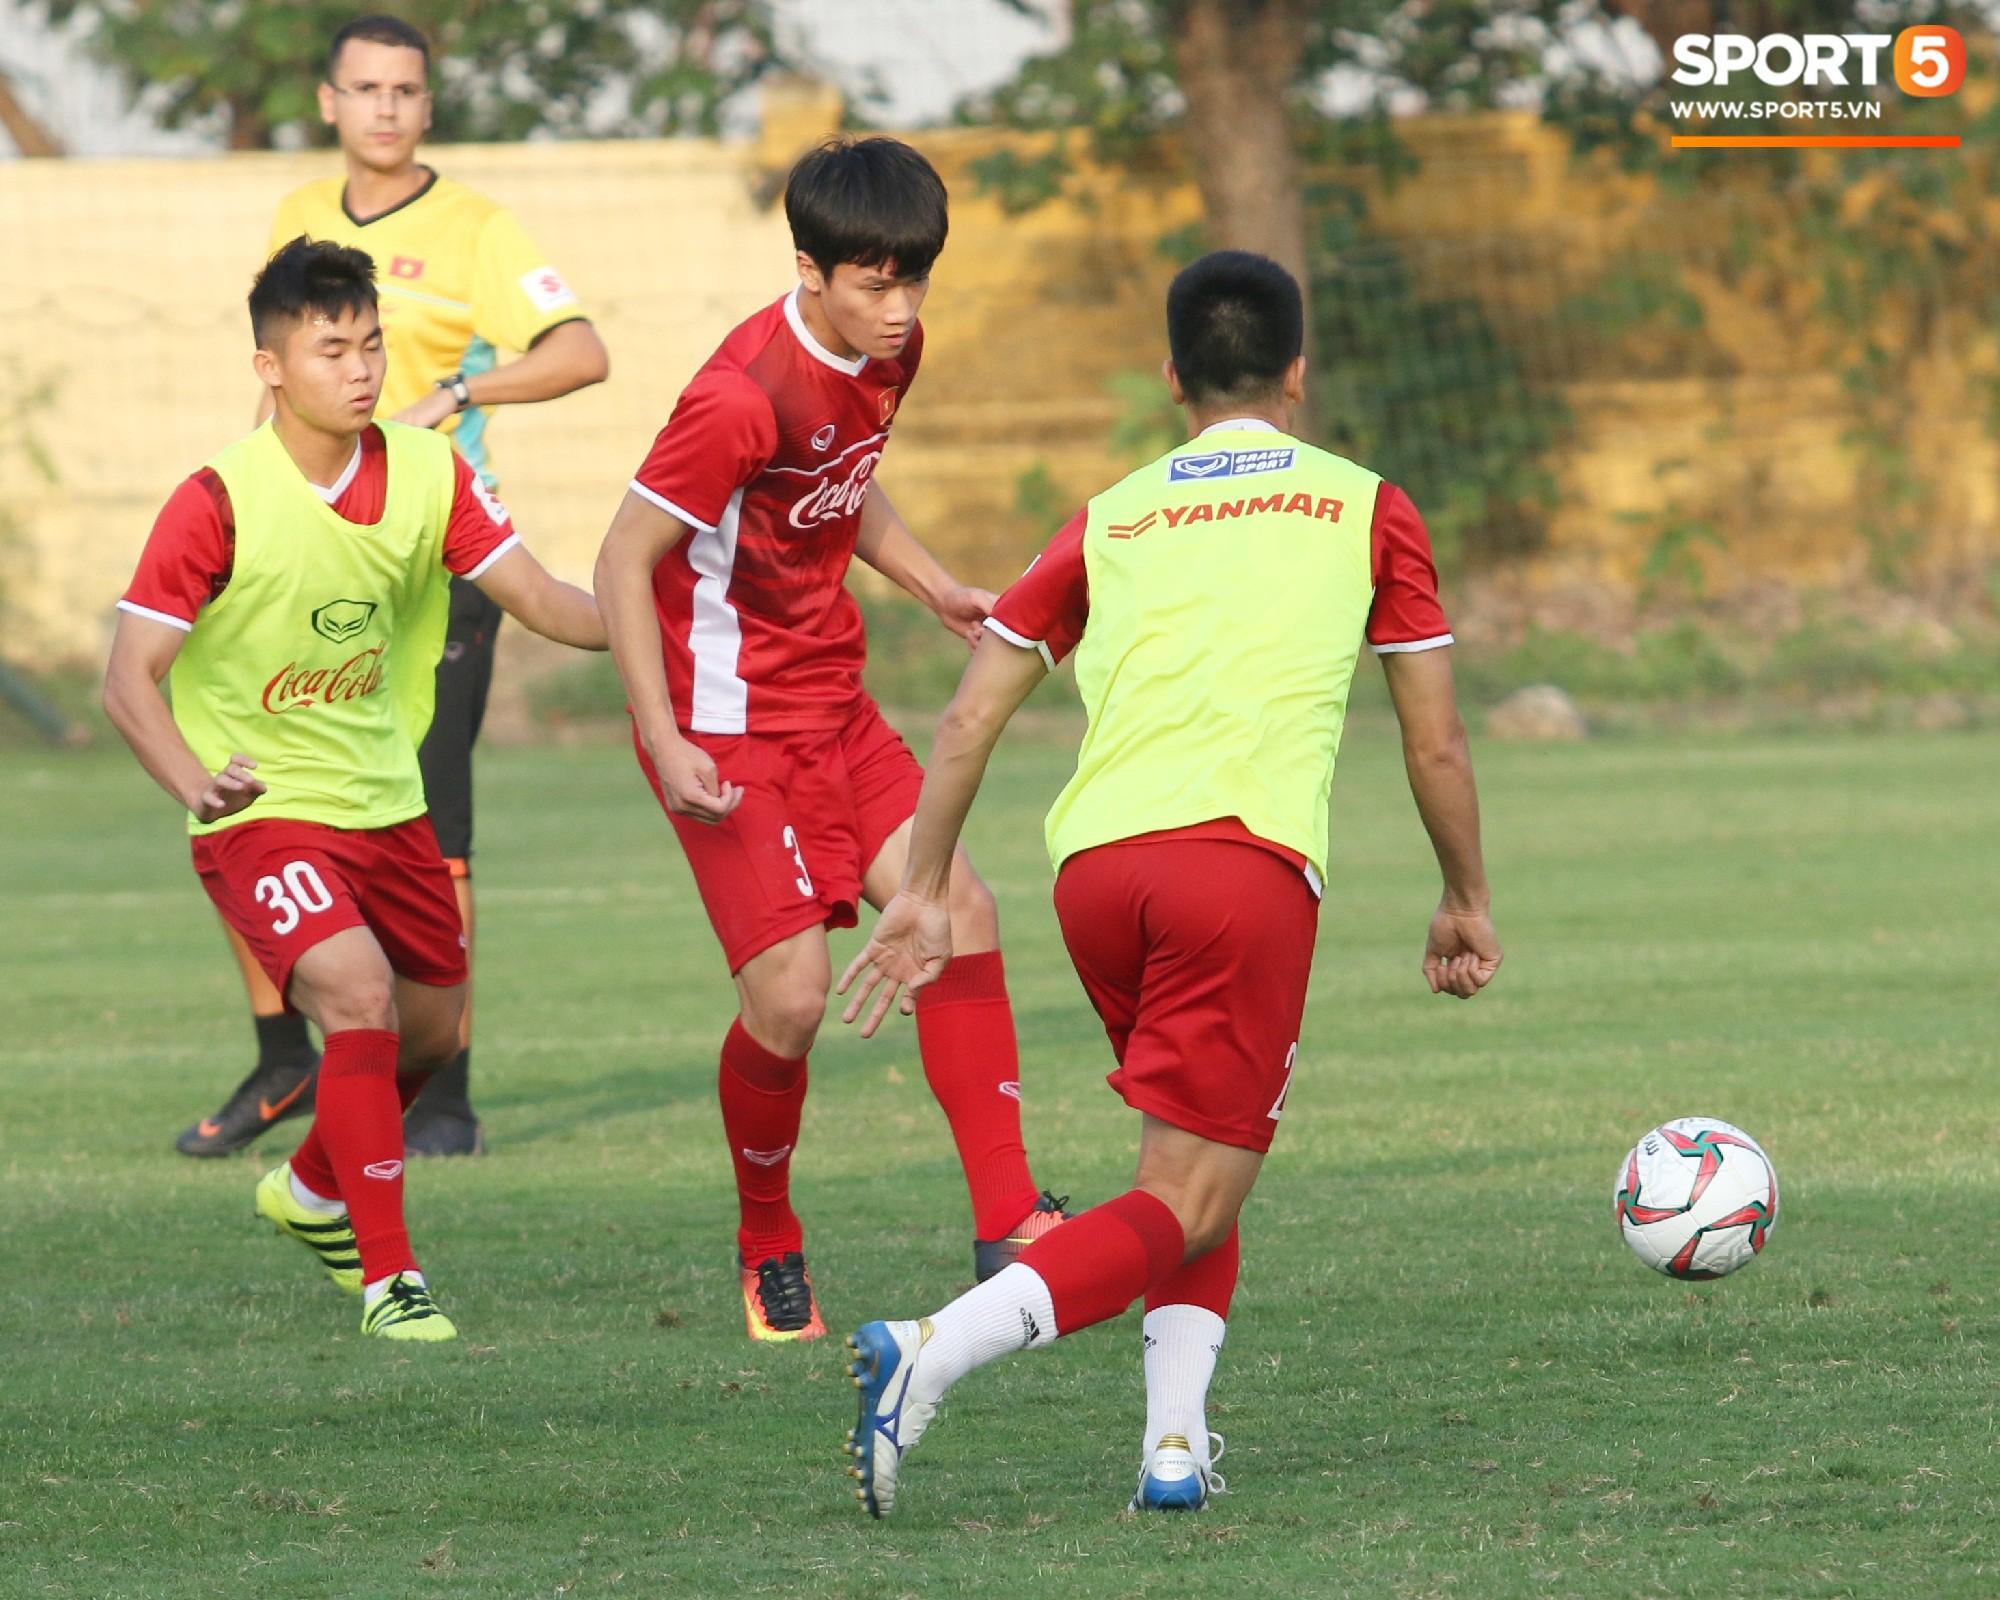 Chân dung Nguyễn Hoàng Đức: Anh bộ đội ghi bàn giúp U23 Việt Nam đè bẹp Thái Lan  - Ảnh 3.